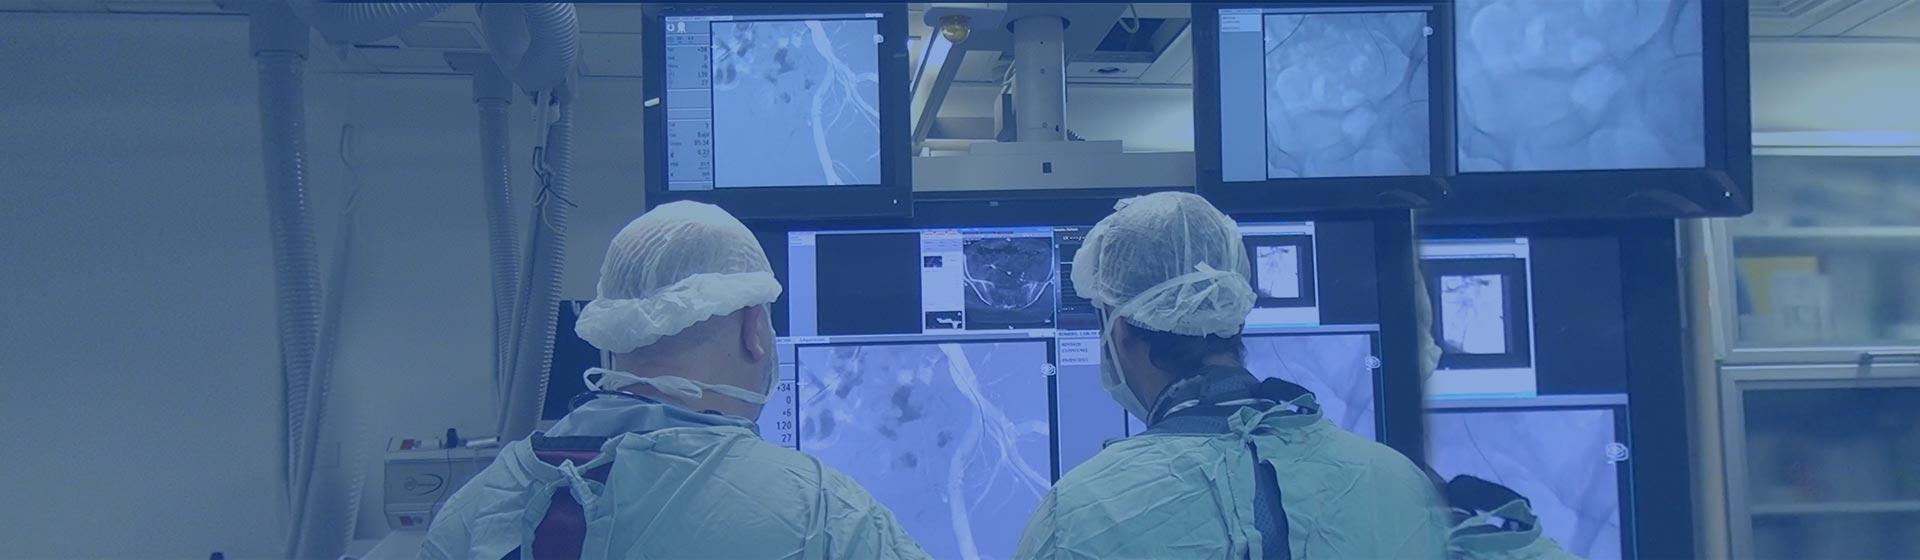 Tratamento Emboloterapia - Segurança - Embolização